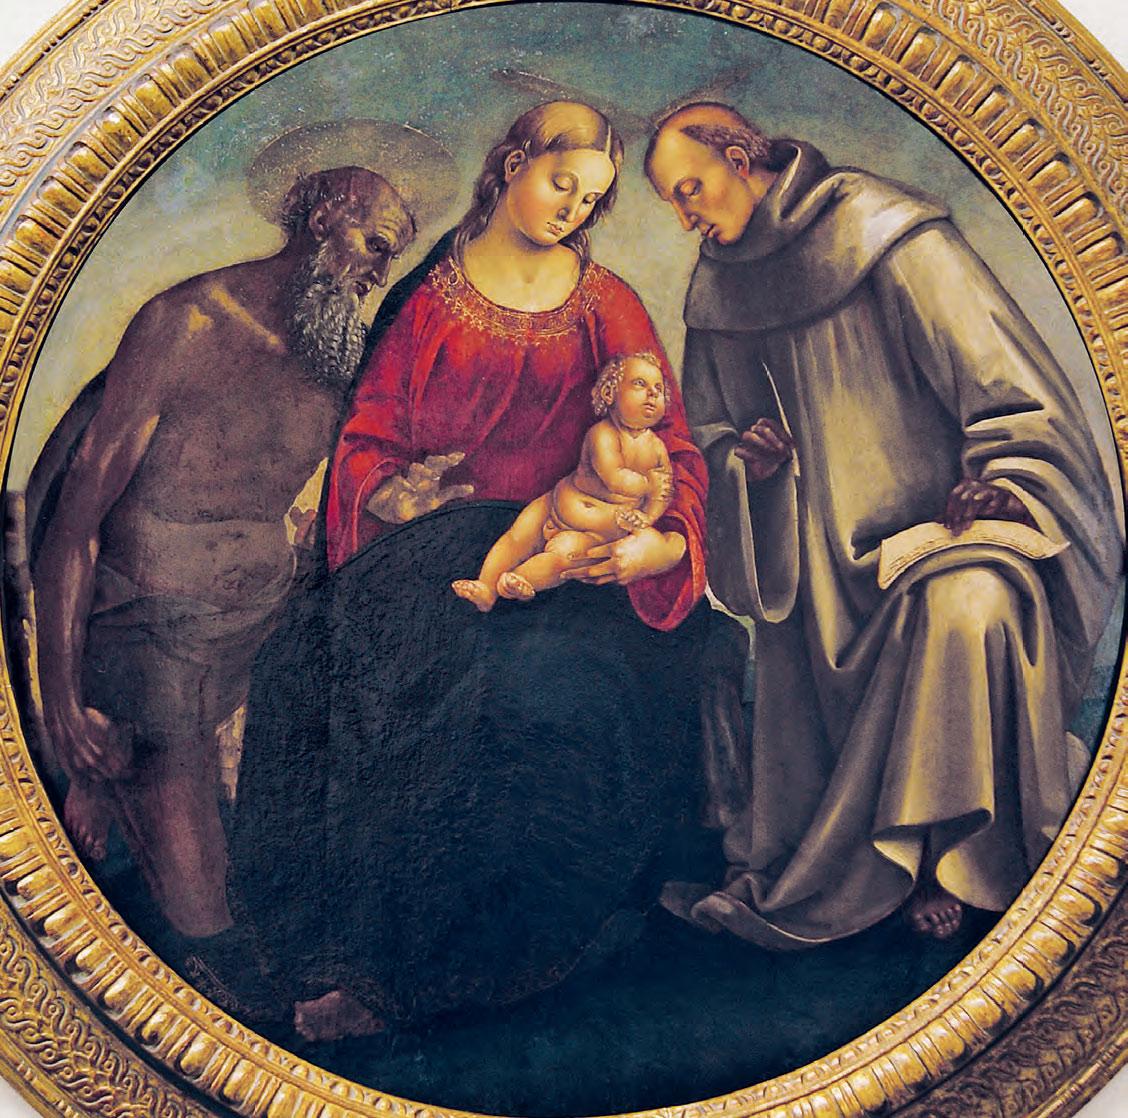 Luca Signorelli, Madonna con il Bambino e i santi Girolamo e Bernardo (1490-1496 circa; dipinto su tavola, diametro 114 cm; Fiesole, Museo Bandini, proprietà Fondazione Baduel Zamberletti)